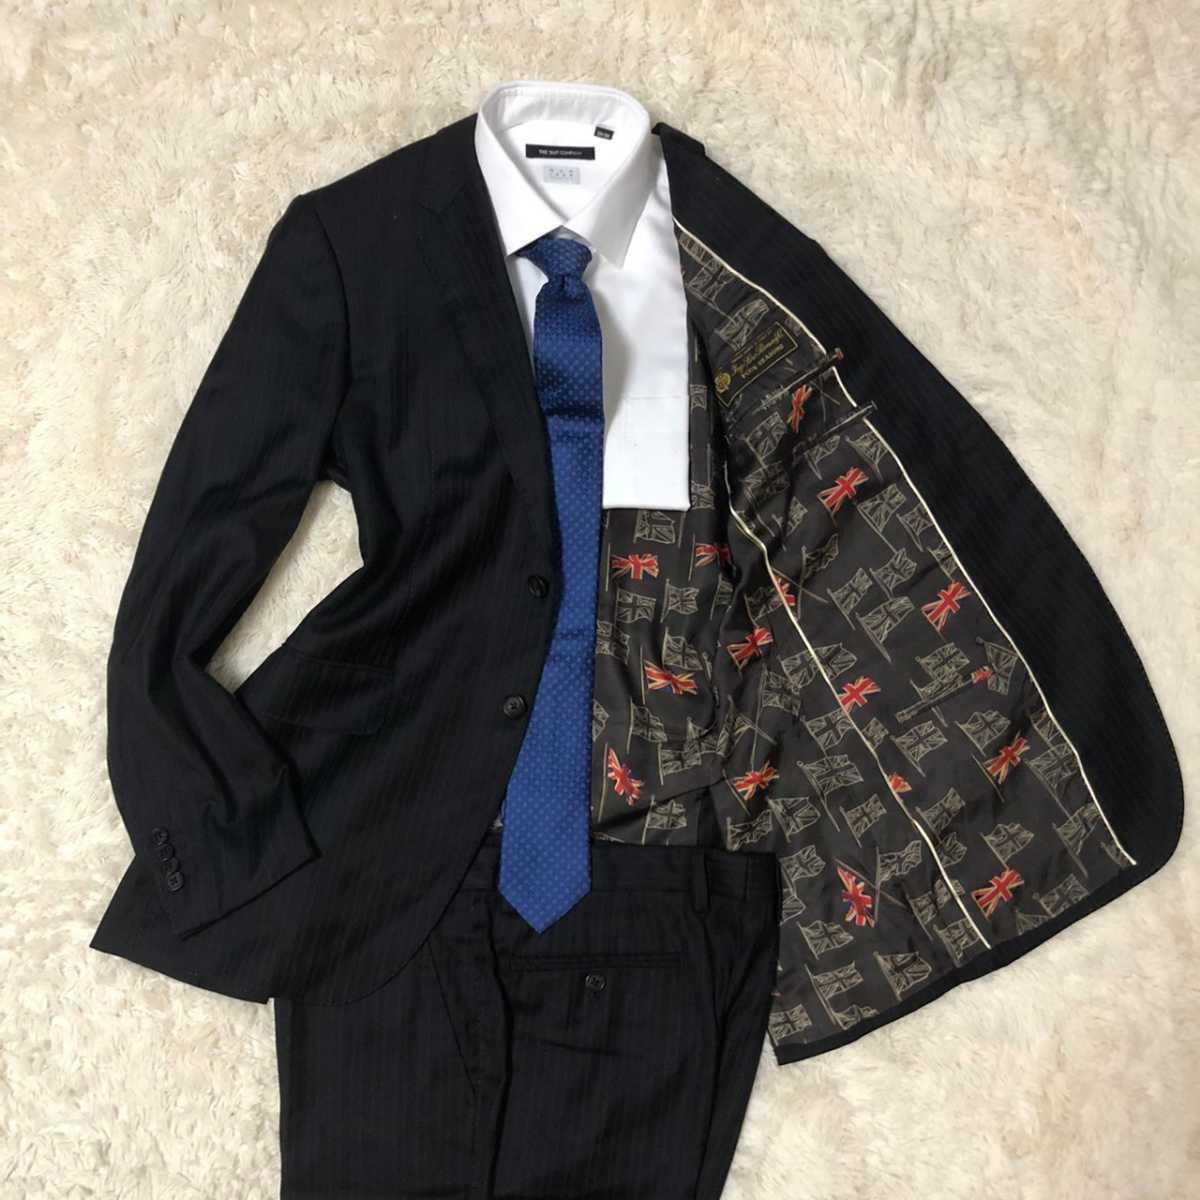 【極美品Lサイズ】Paul Smith London ポールスミスロンドン ロロピアーナ スーツ セットアップ 総柄裏地 ストライプ ユニオンジャック